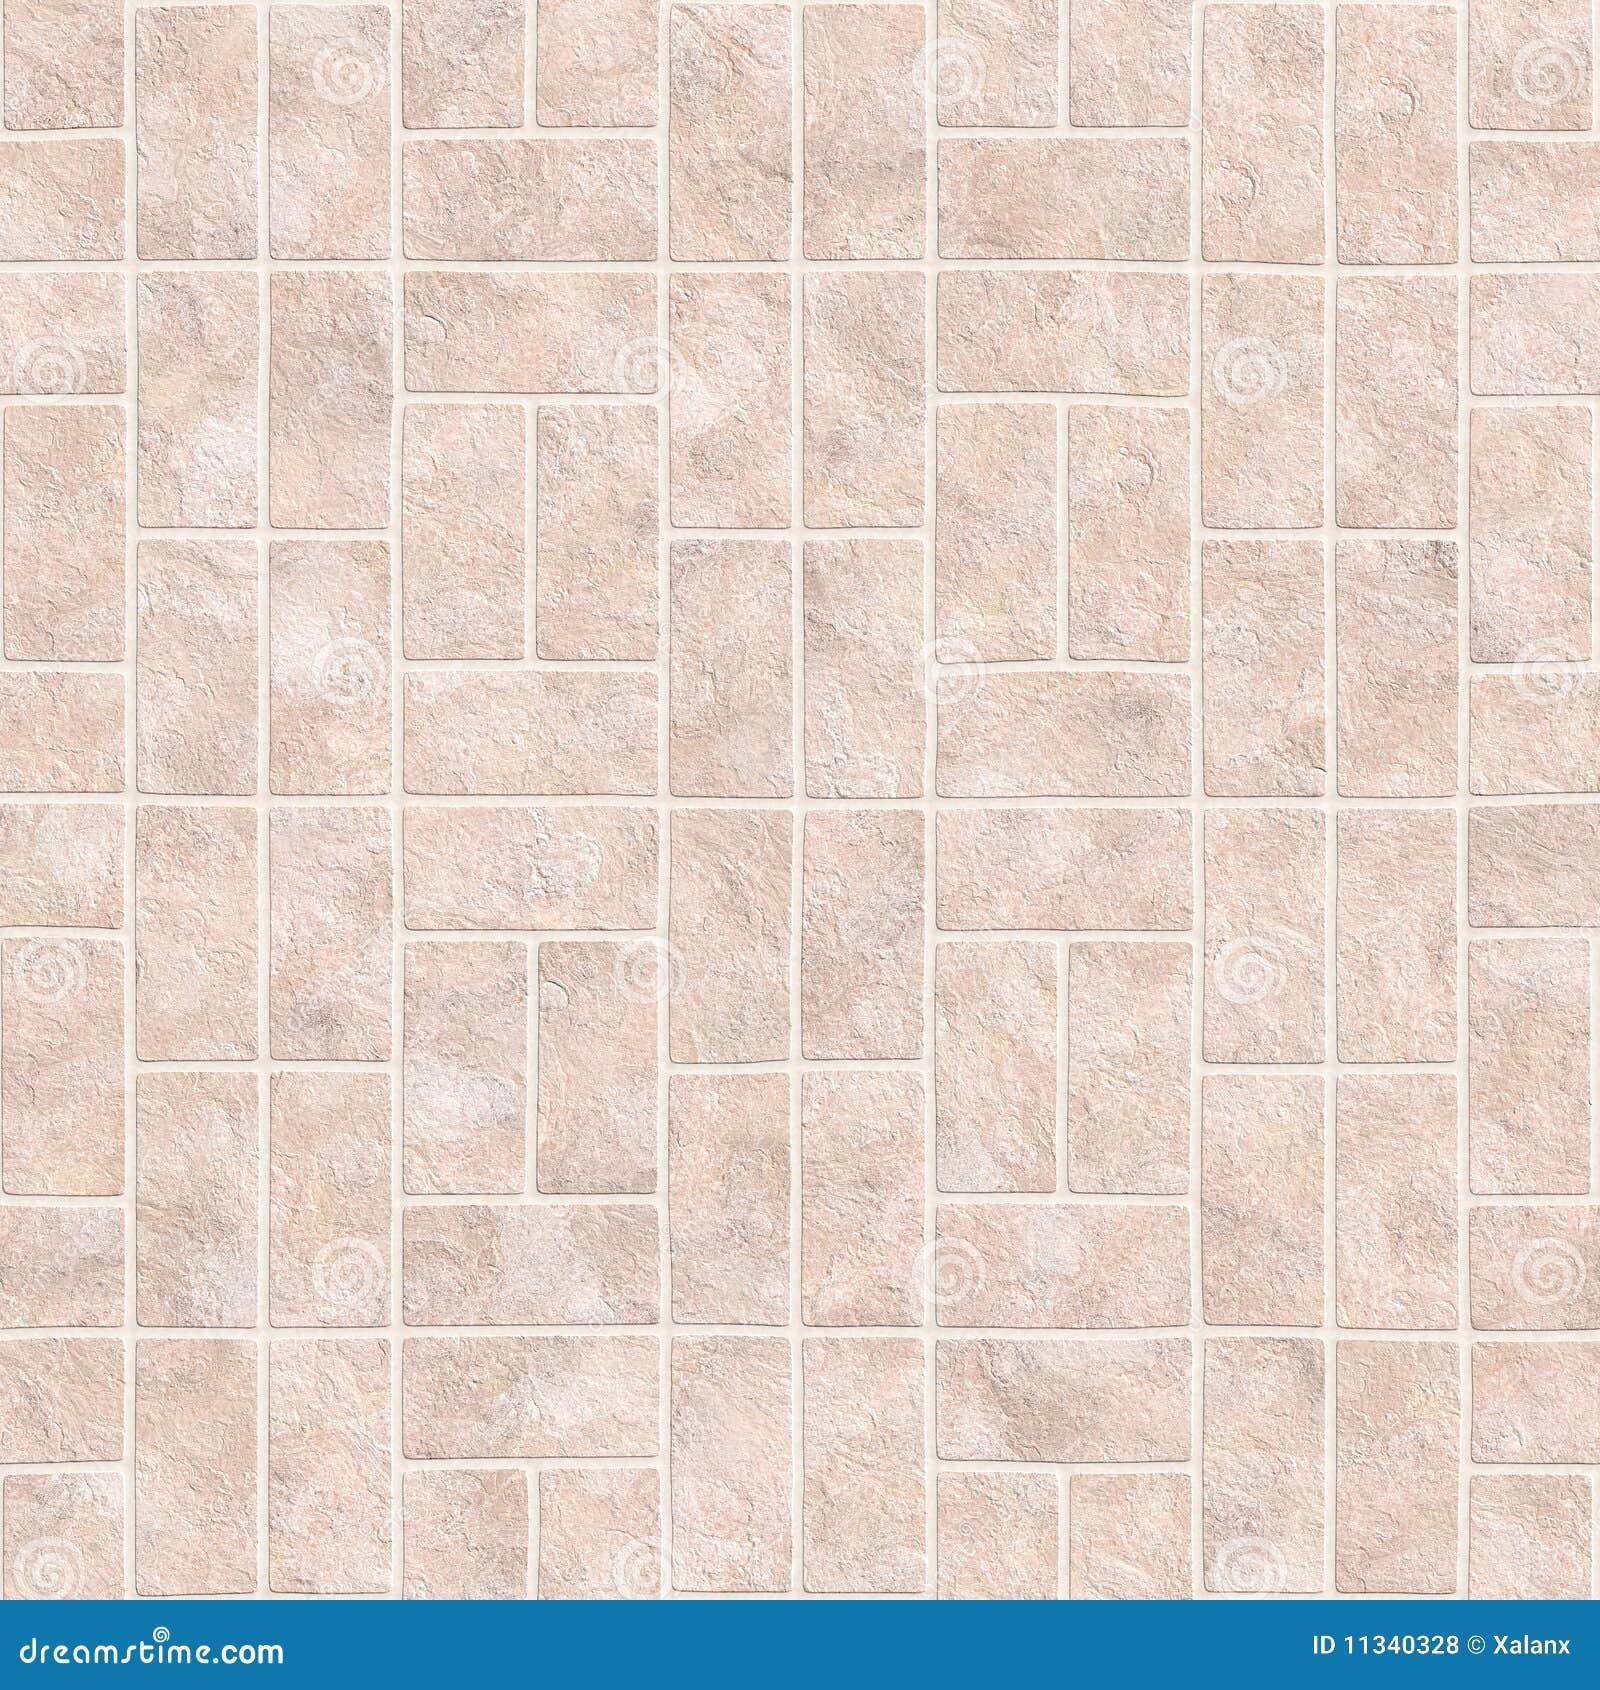 kitchen tiles texture. Bathroom Or Kitchen Tiles Texture X